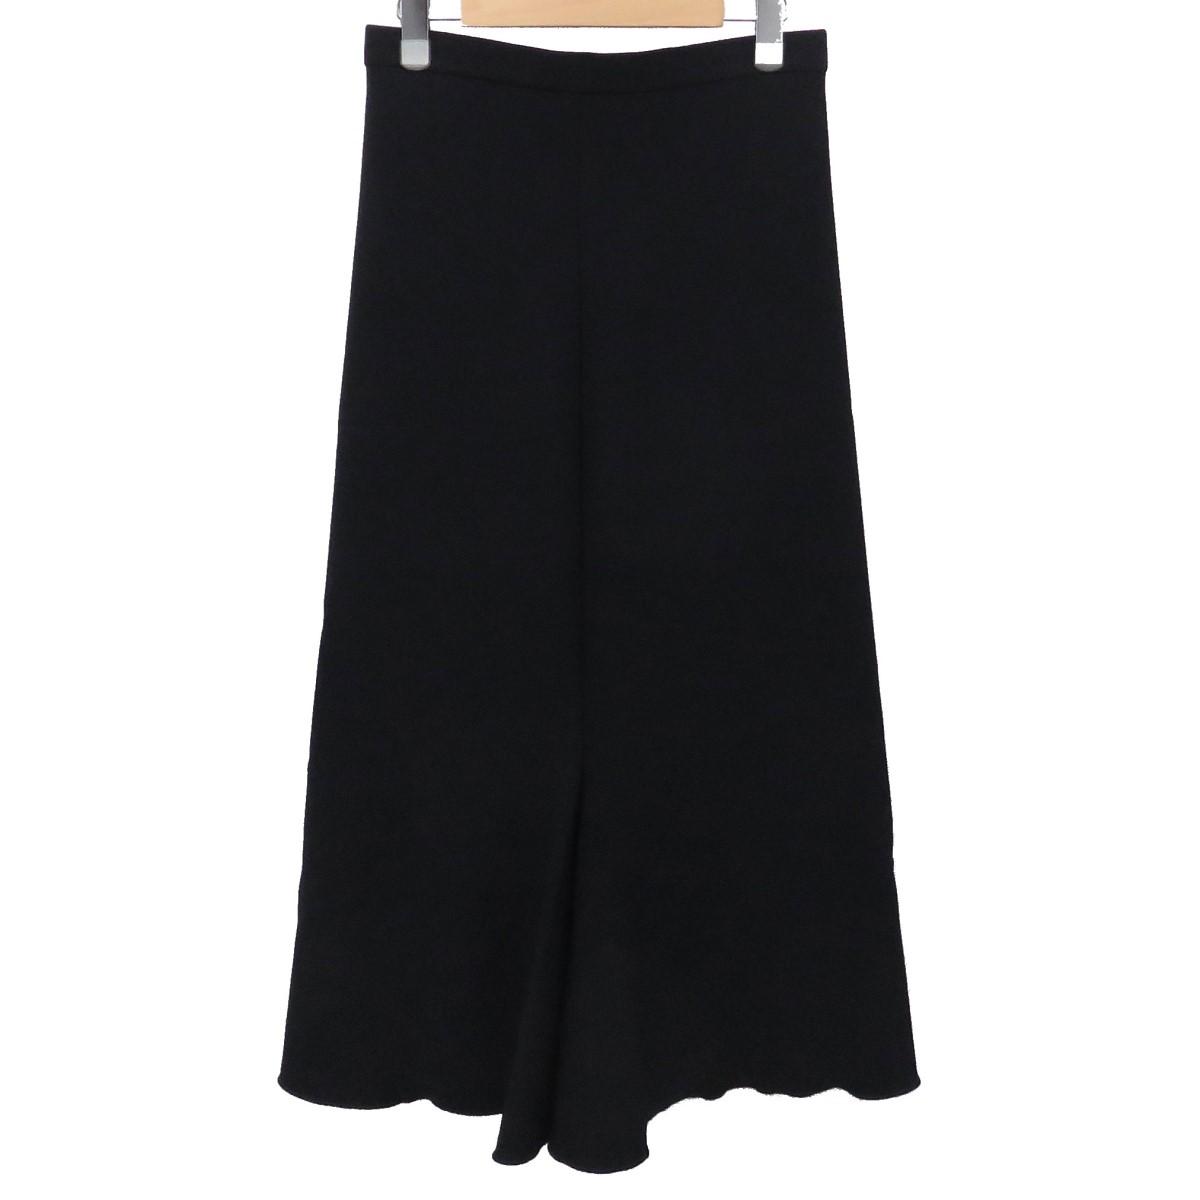 【中古】HERMES マルジェラ期 デザインロングスカート ウールスカート ブラック サイズ:34 【020220】(エルメス)